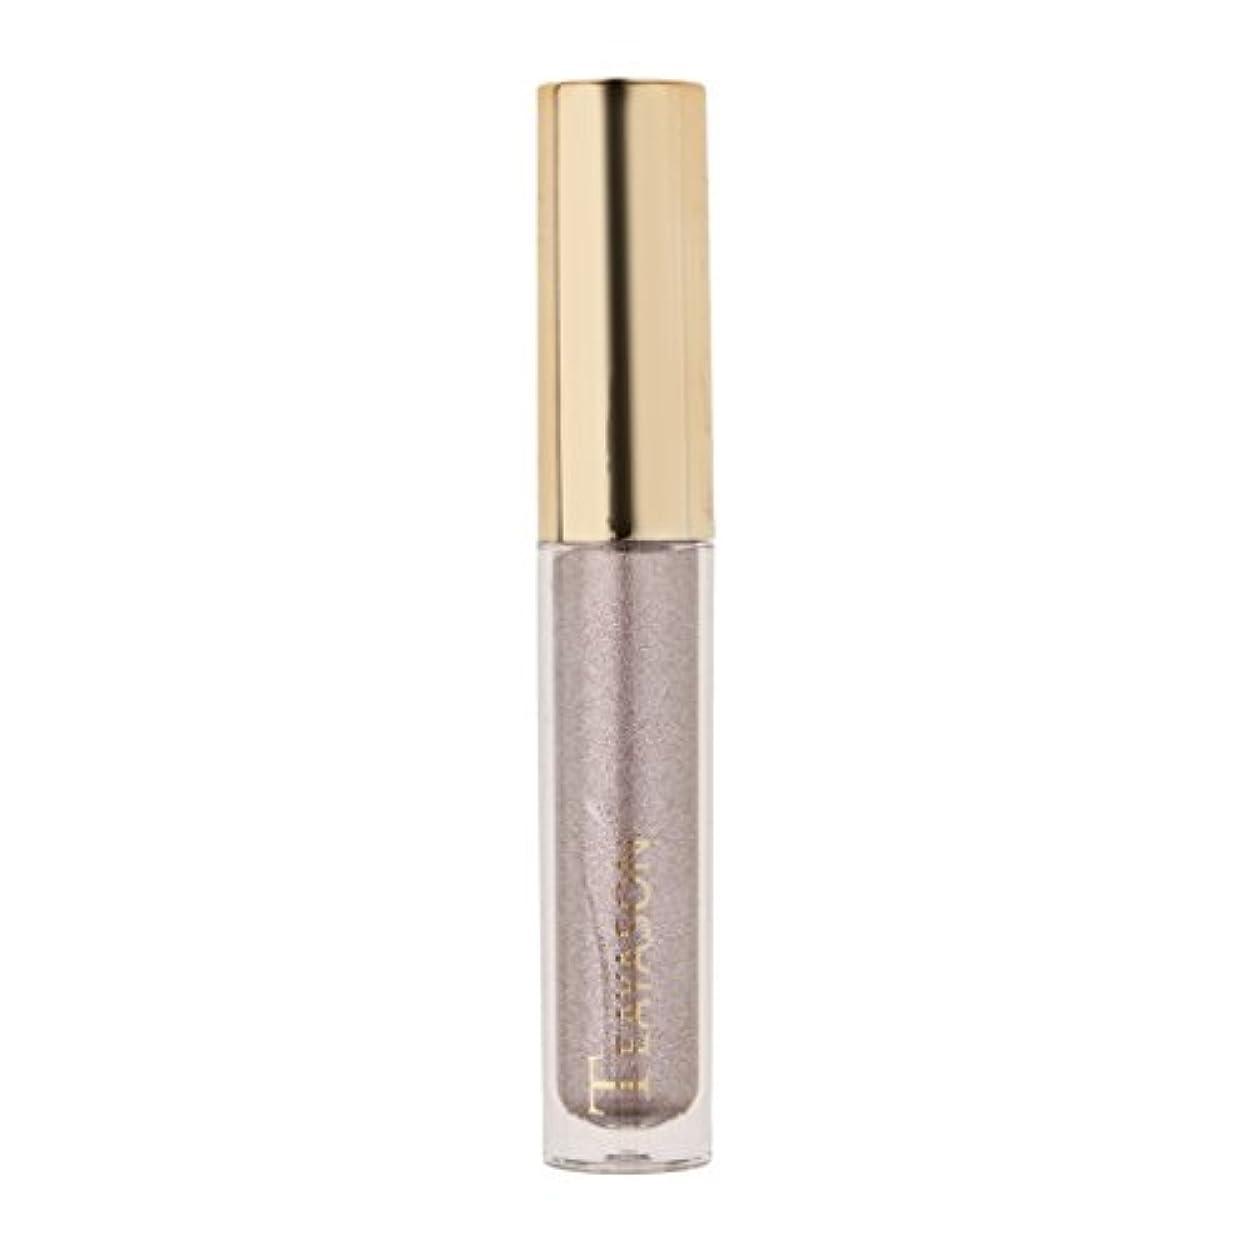 成分絶望的な専門知識8色液体アイシャドーキラキラシマー化粧品顔料長期持続性 - 6#